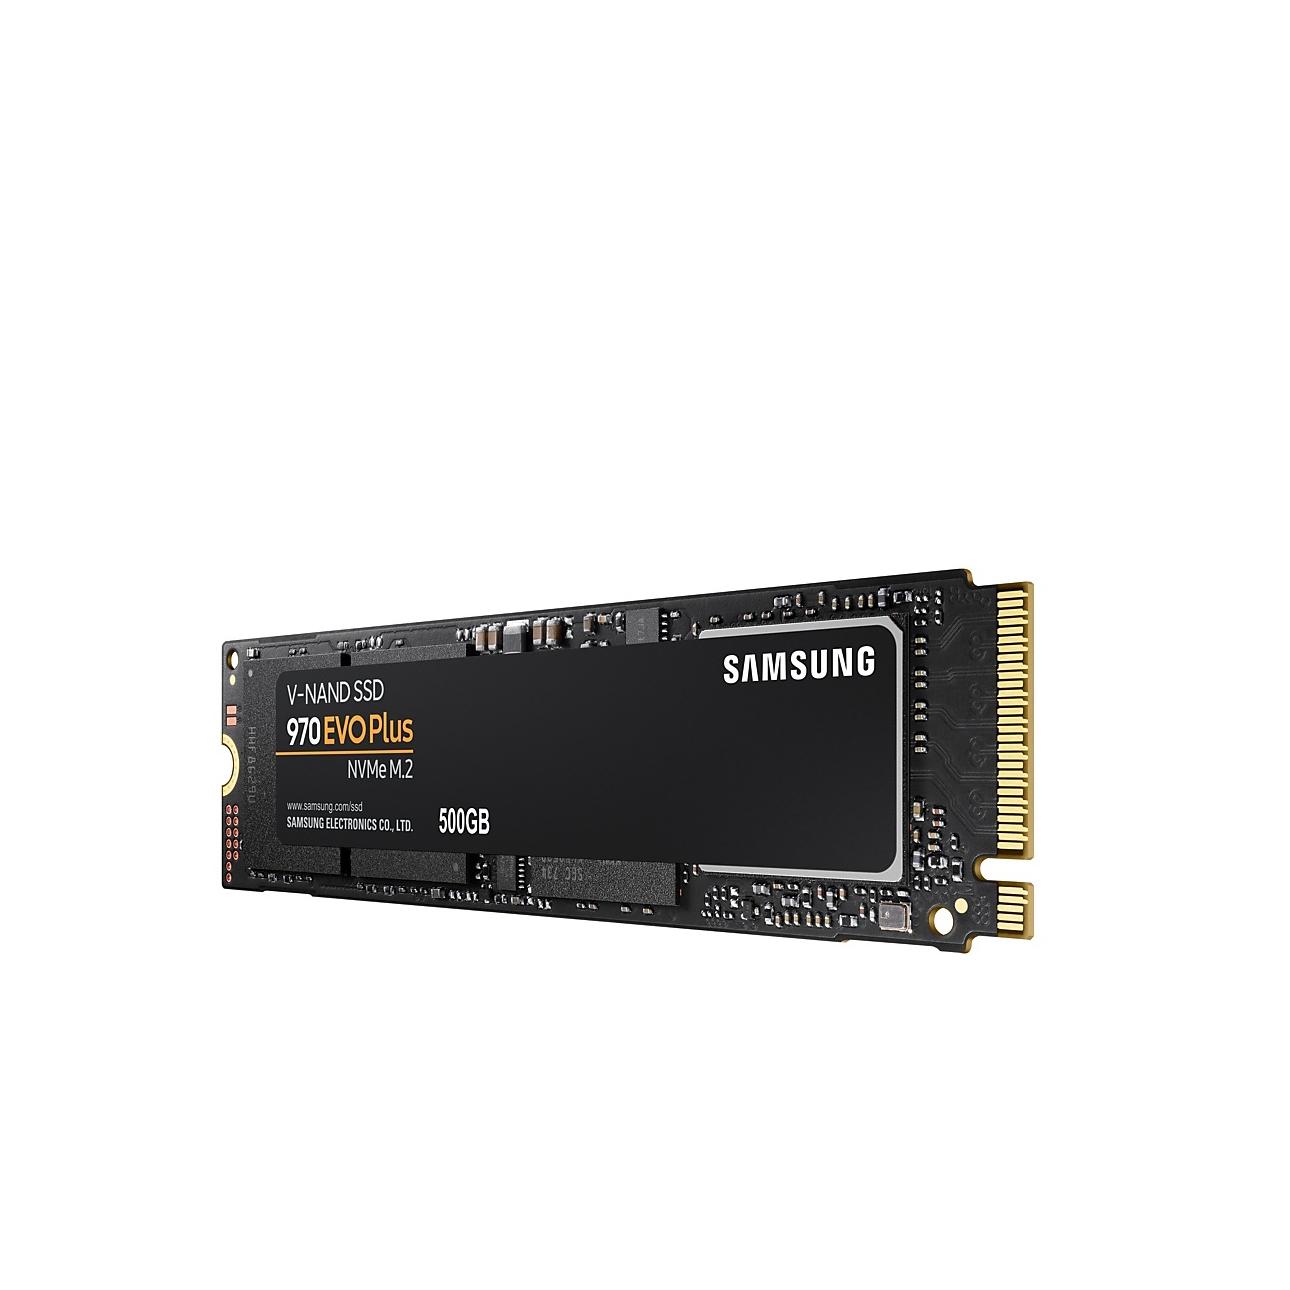 Жесткий диск внутренний 970 EVO PLUS MZ-V7S500BW MZ-V7S500BW